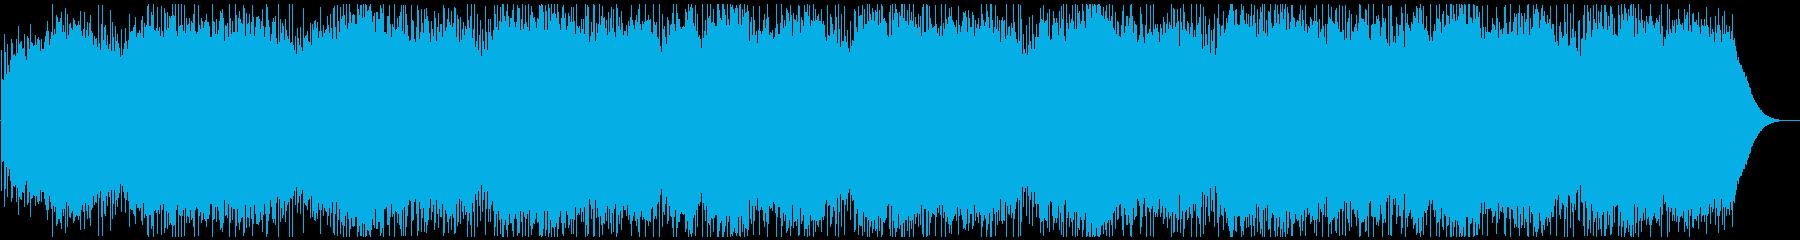 爽やかオープニング映像に 好印象ポップの再生済みの波形